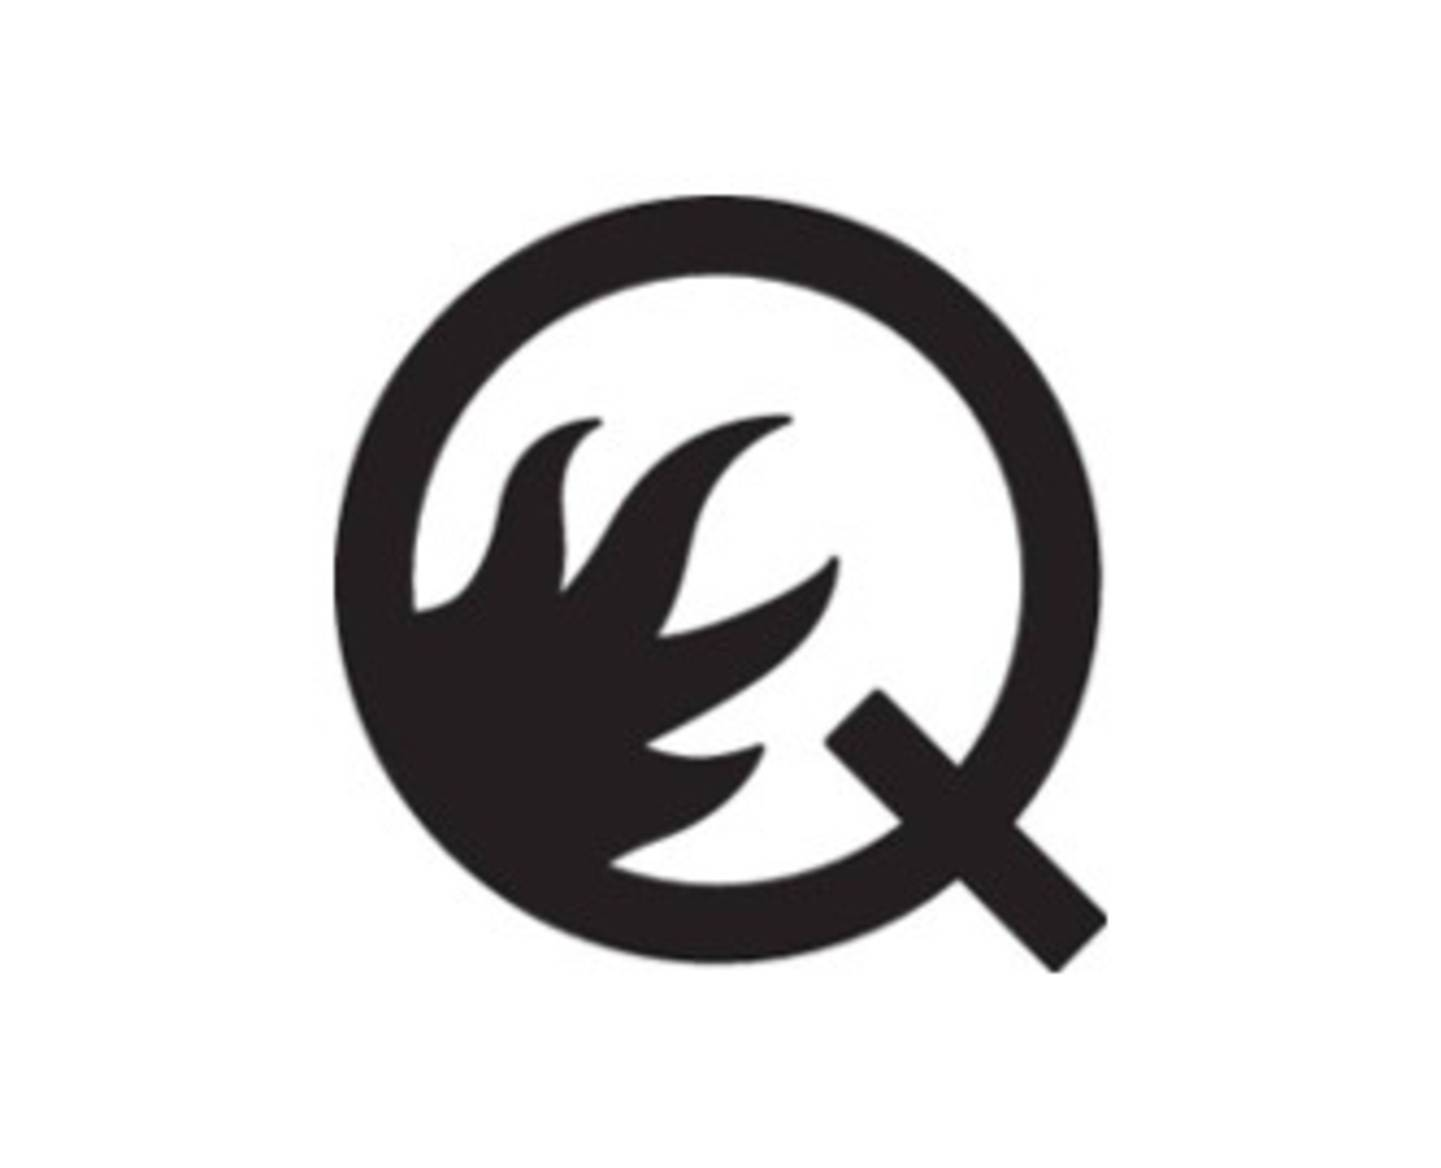 Q-Label